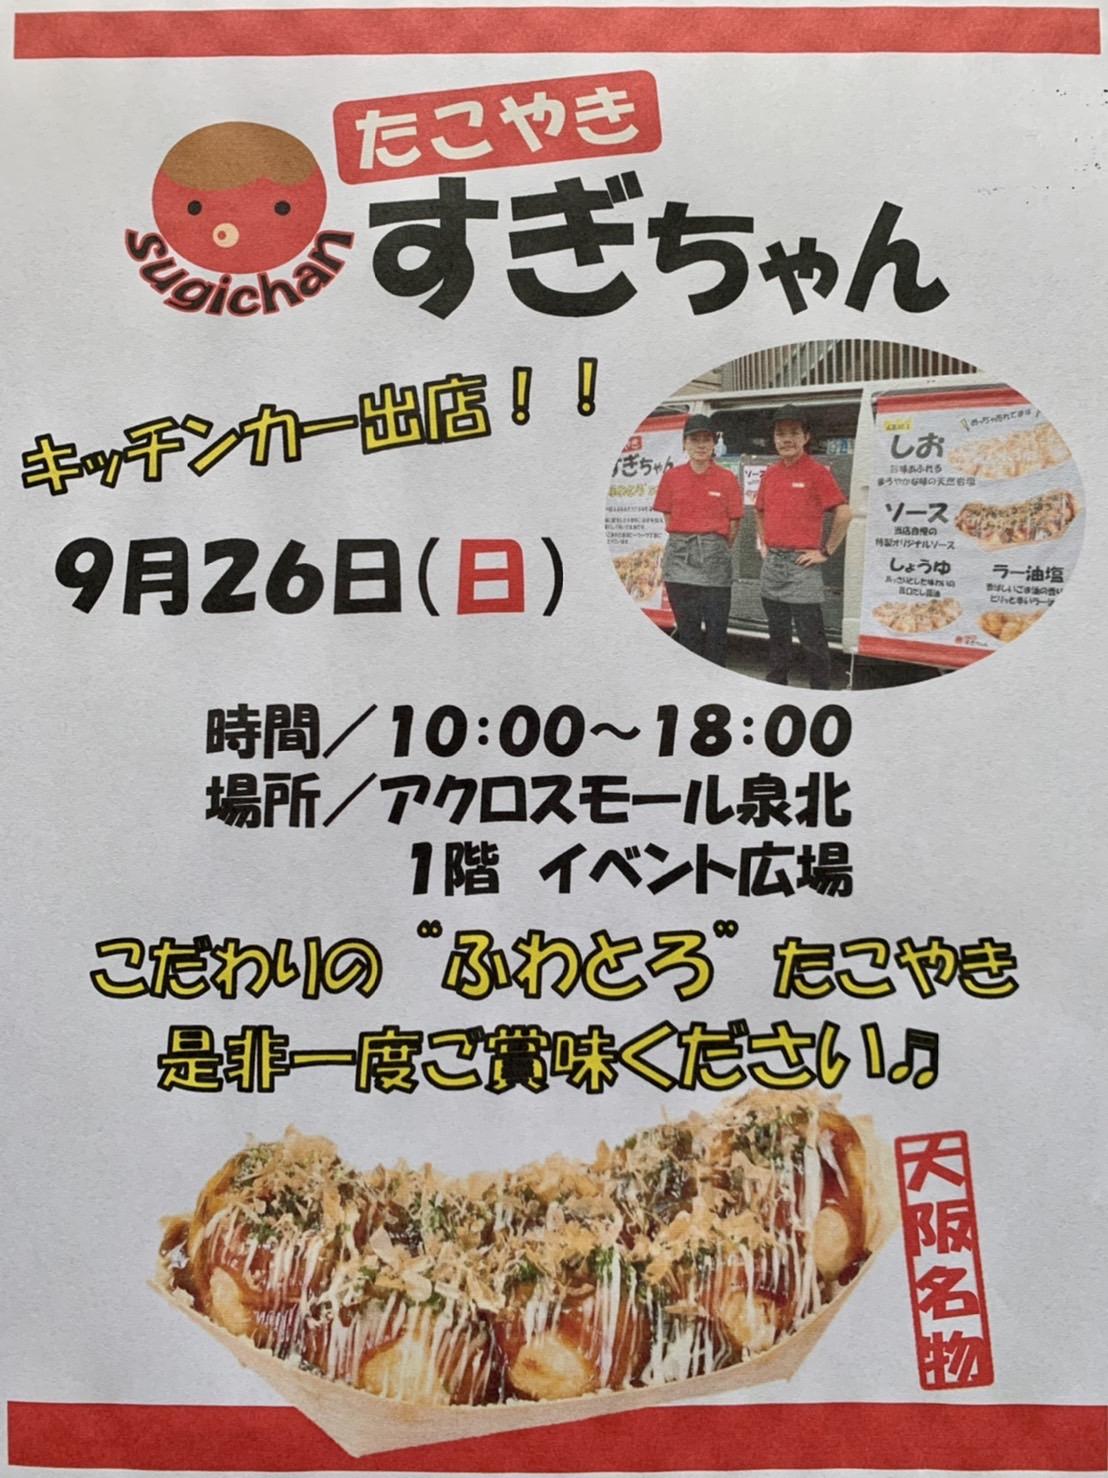 【イベント】2021.9/26(日)開催★堺市南区・アクロスモール泉北に『たこやきすぎちゃん』のキッチンカーがやってくる♪: